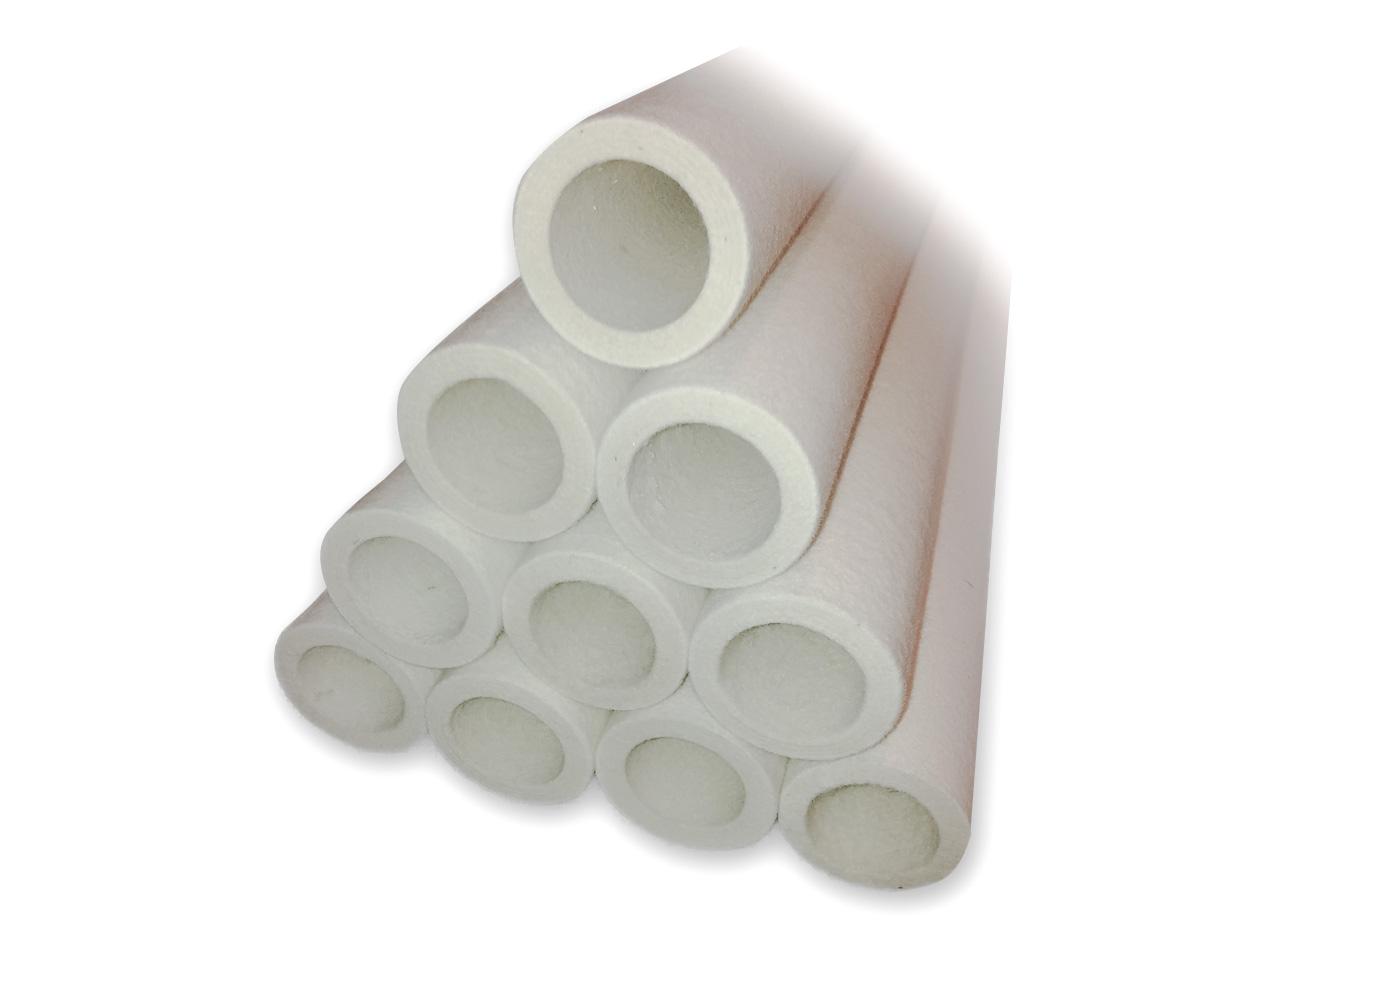 Felt tubes